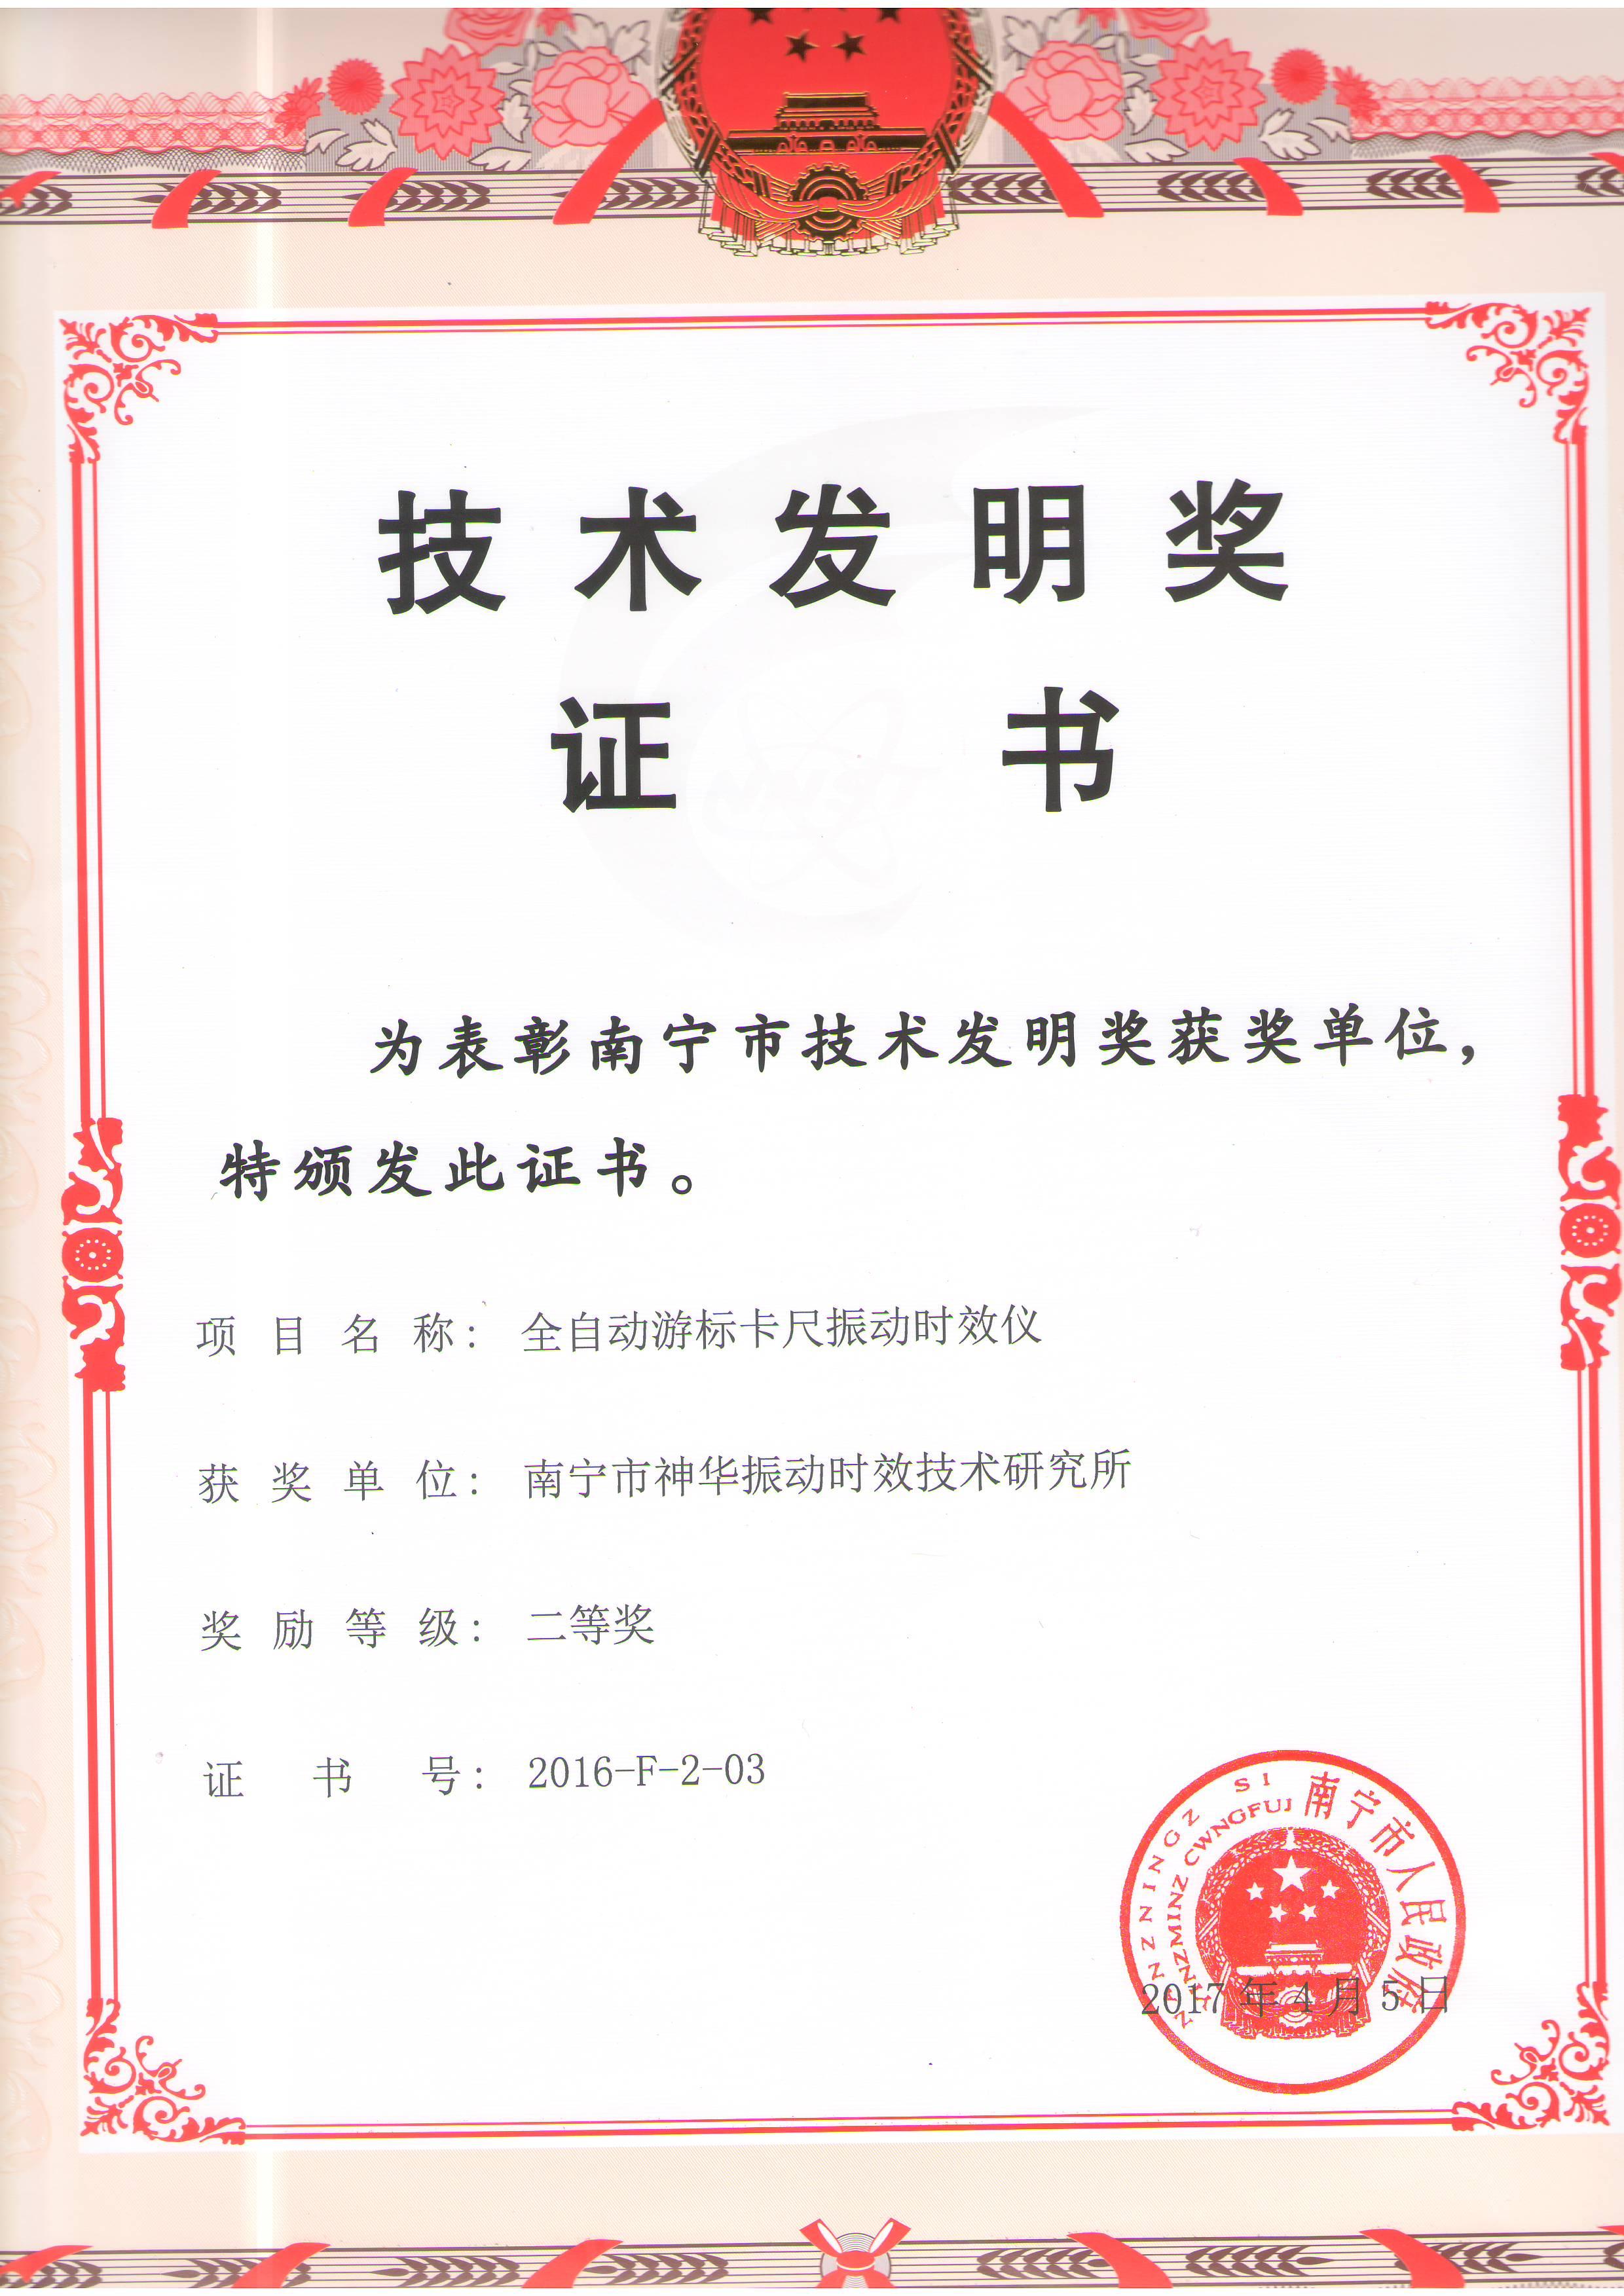 南宁市神华研究所一项目 荣获2016年度南宁市技术发明奖二等奖